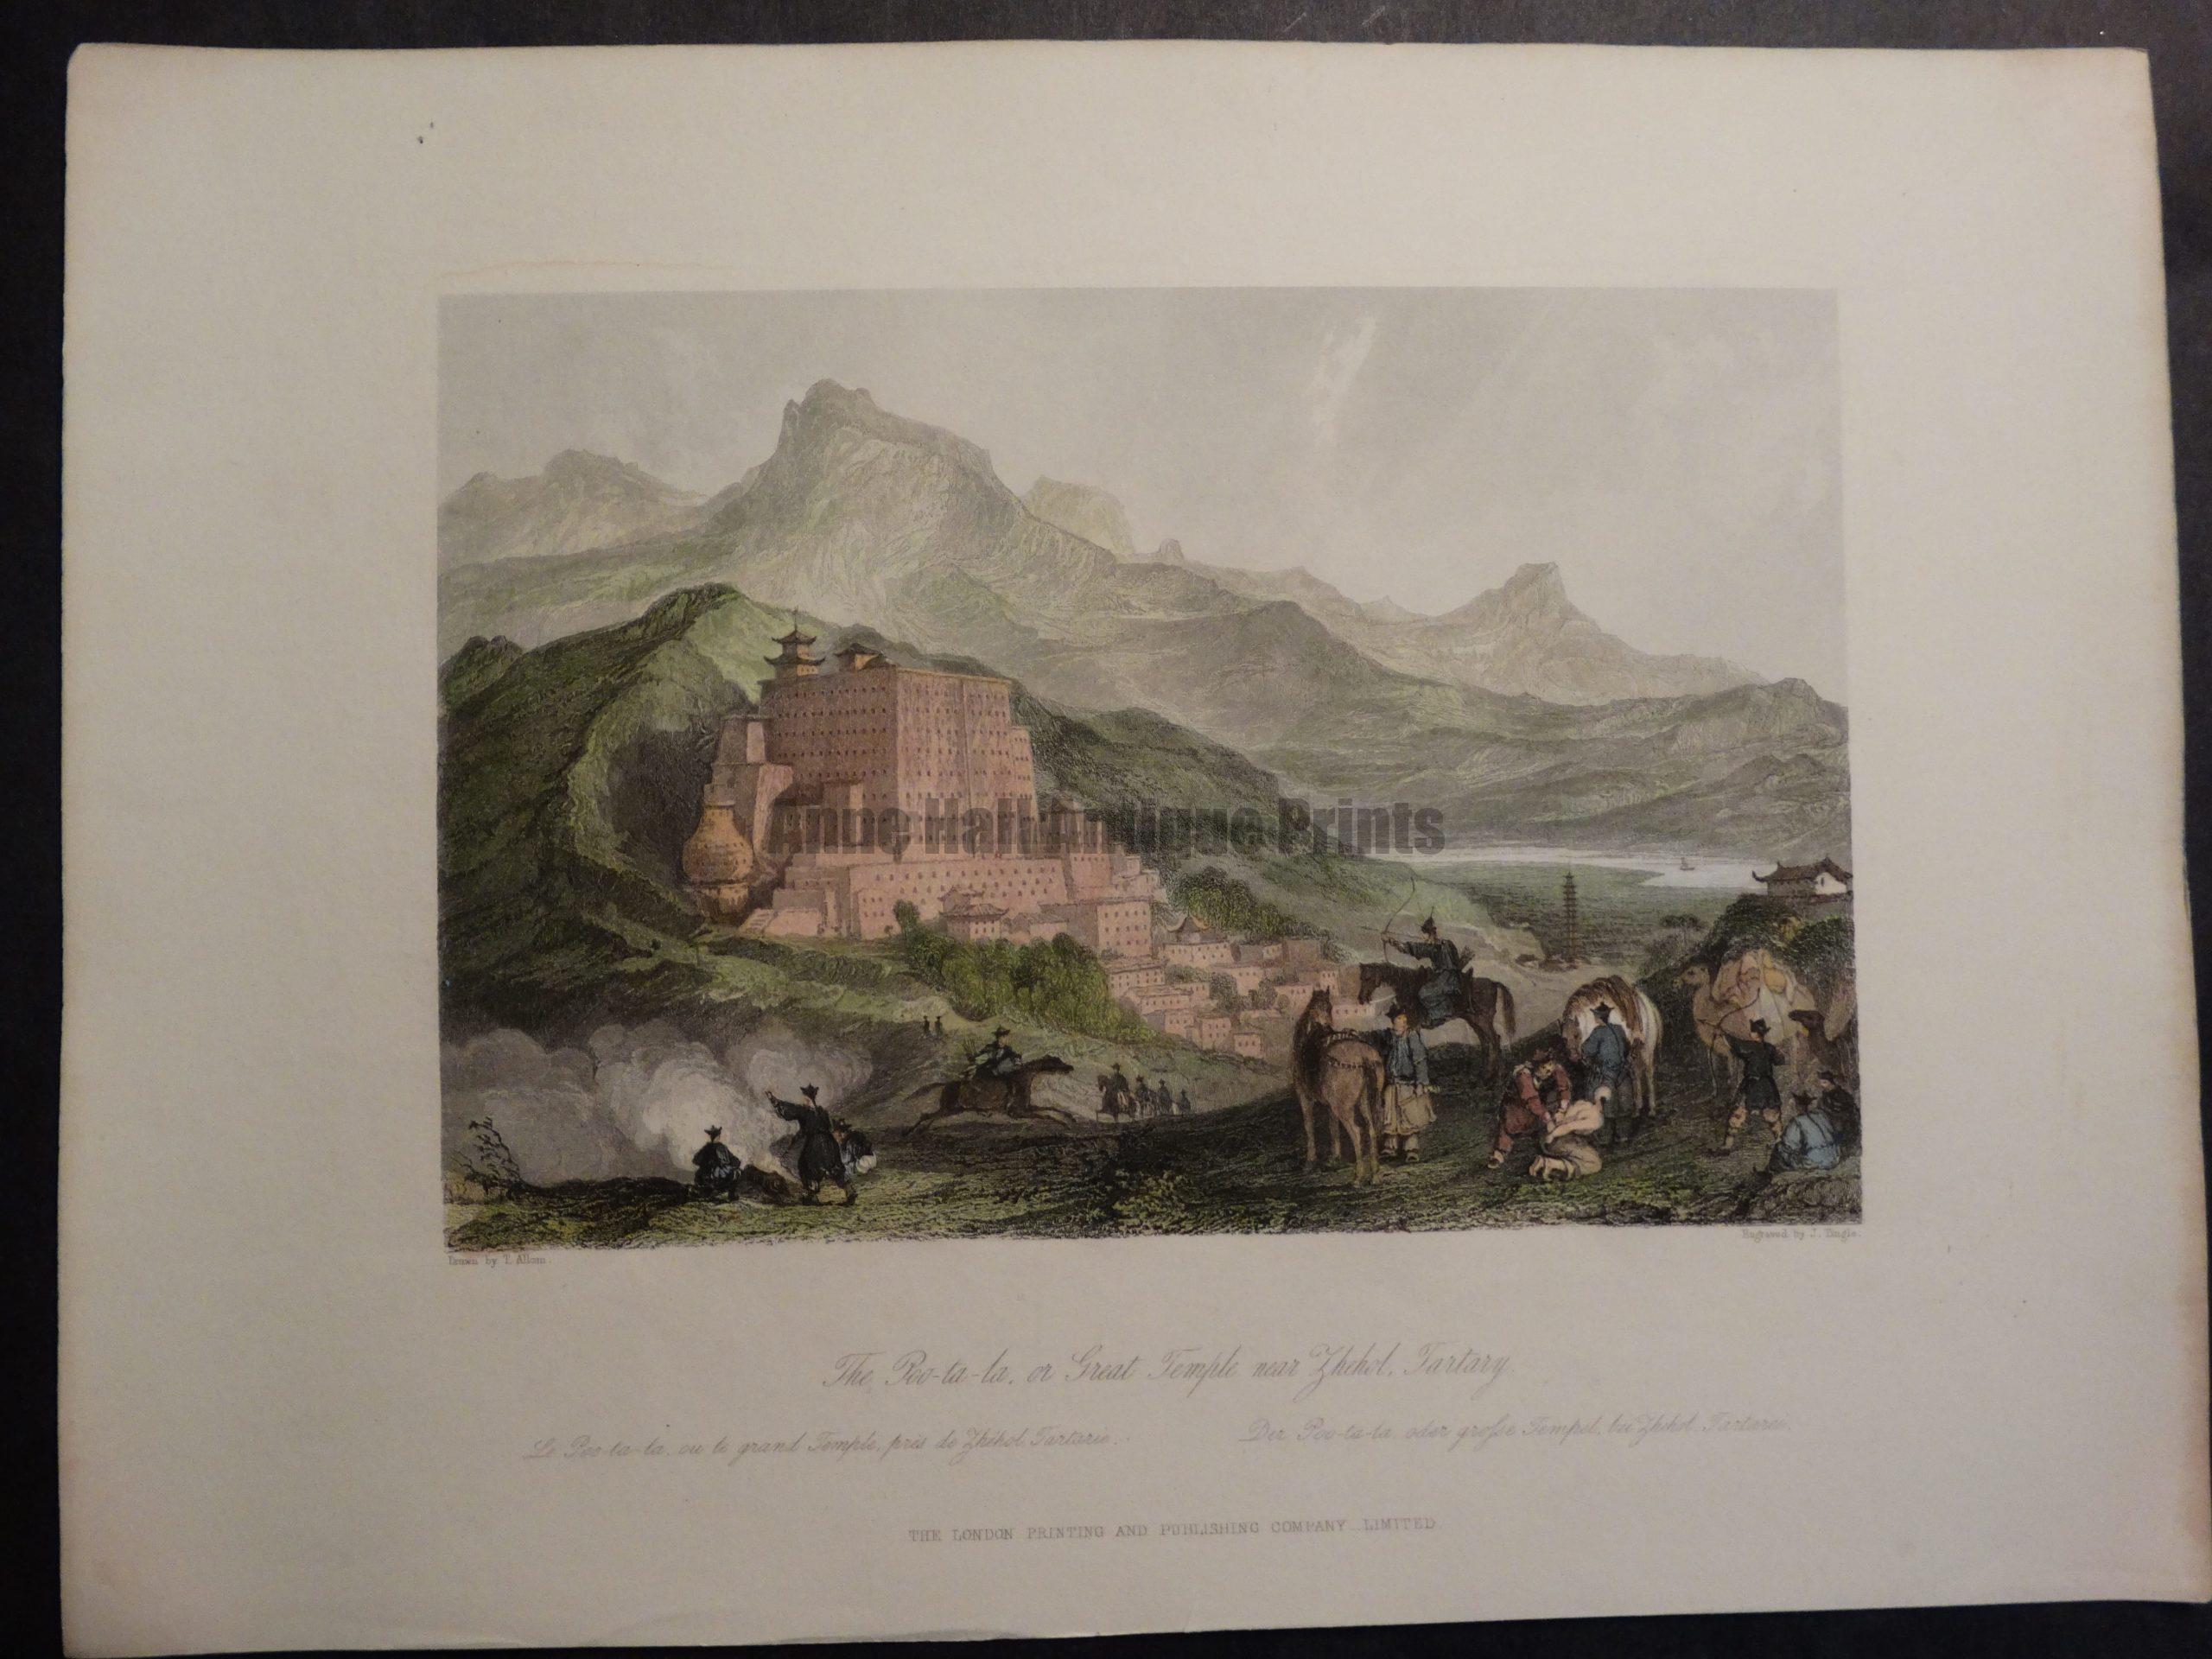 DSC02406 Great Temple near Zhehol, Tartary by Allom 1855 $150.